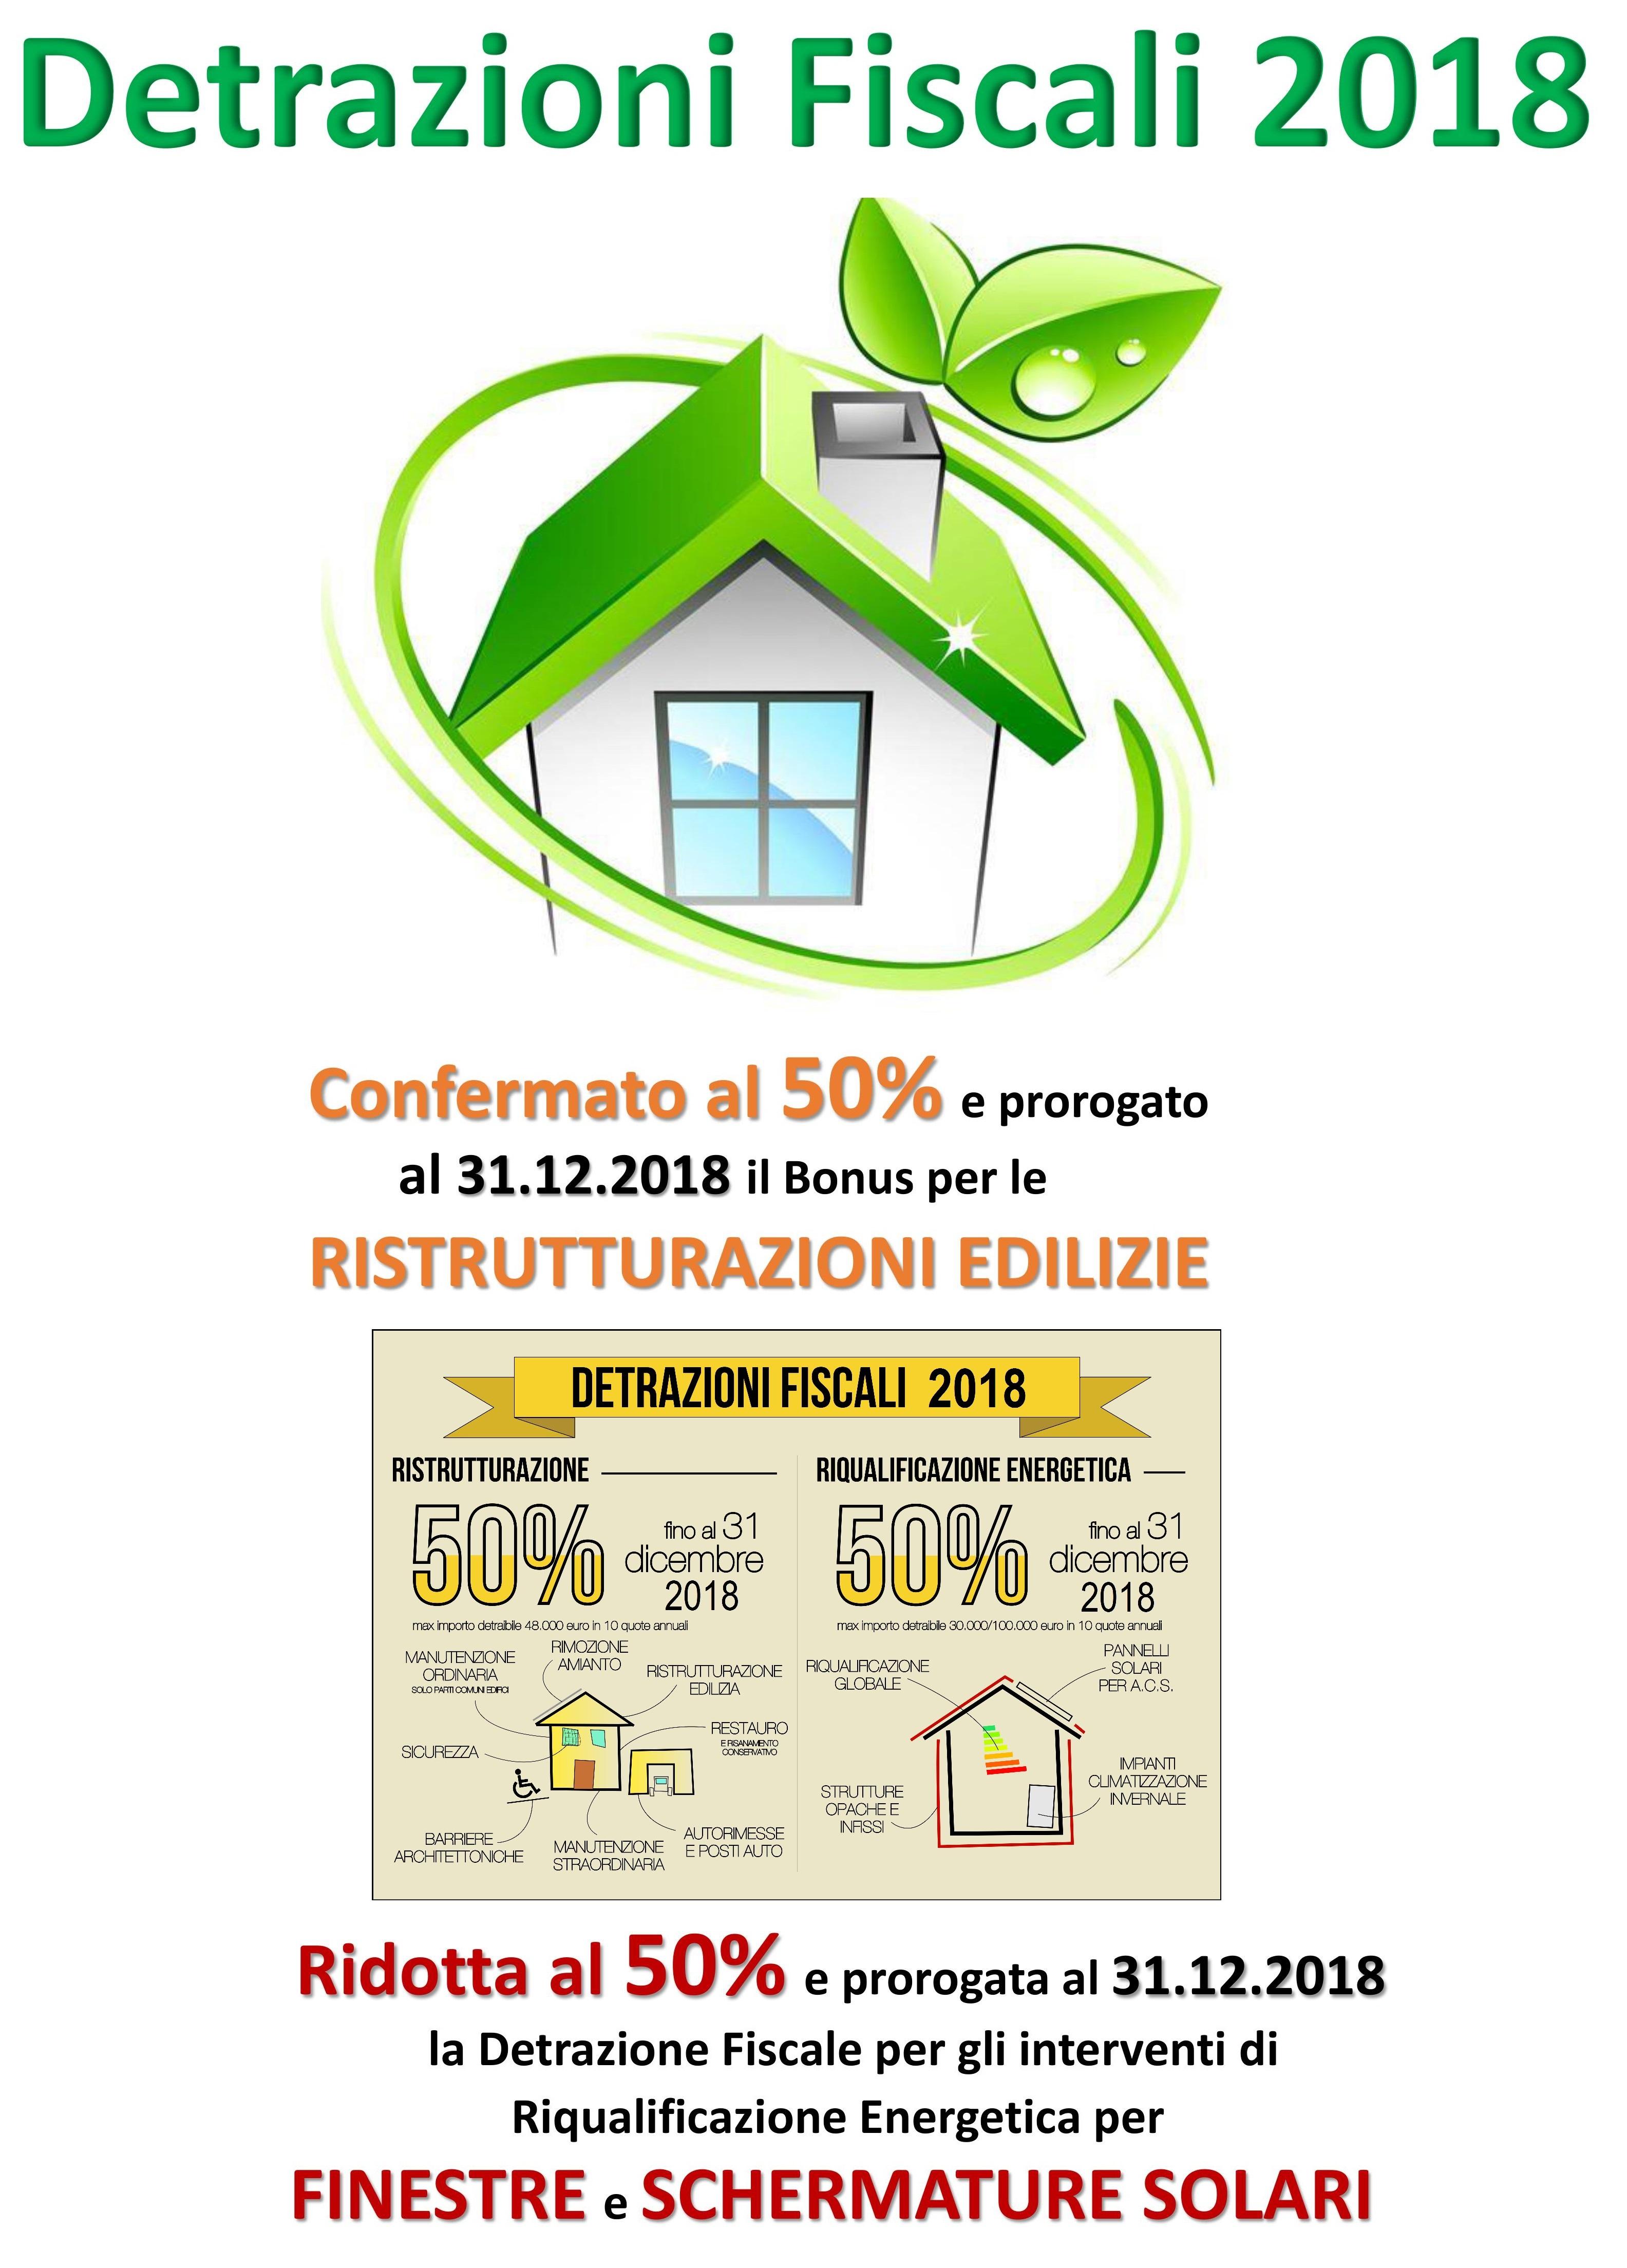 Occorre Ricordare Che La Detrazione Per Ristrutturazione Edilizia 50%  Spetta Solo Per Lavori Di Ristrutturazione In Immobili Residenziali.